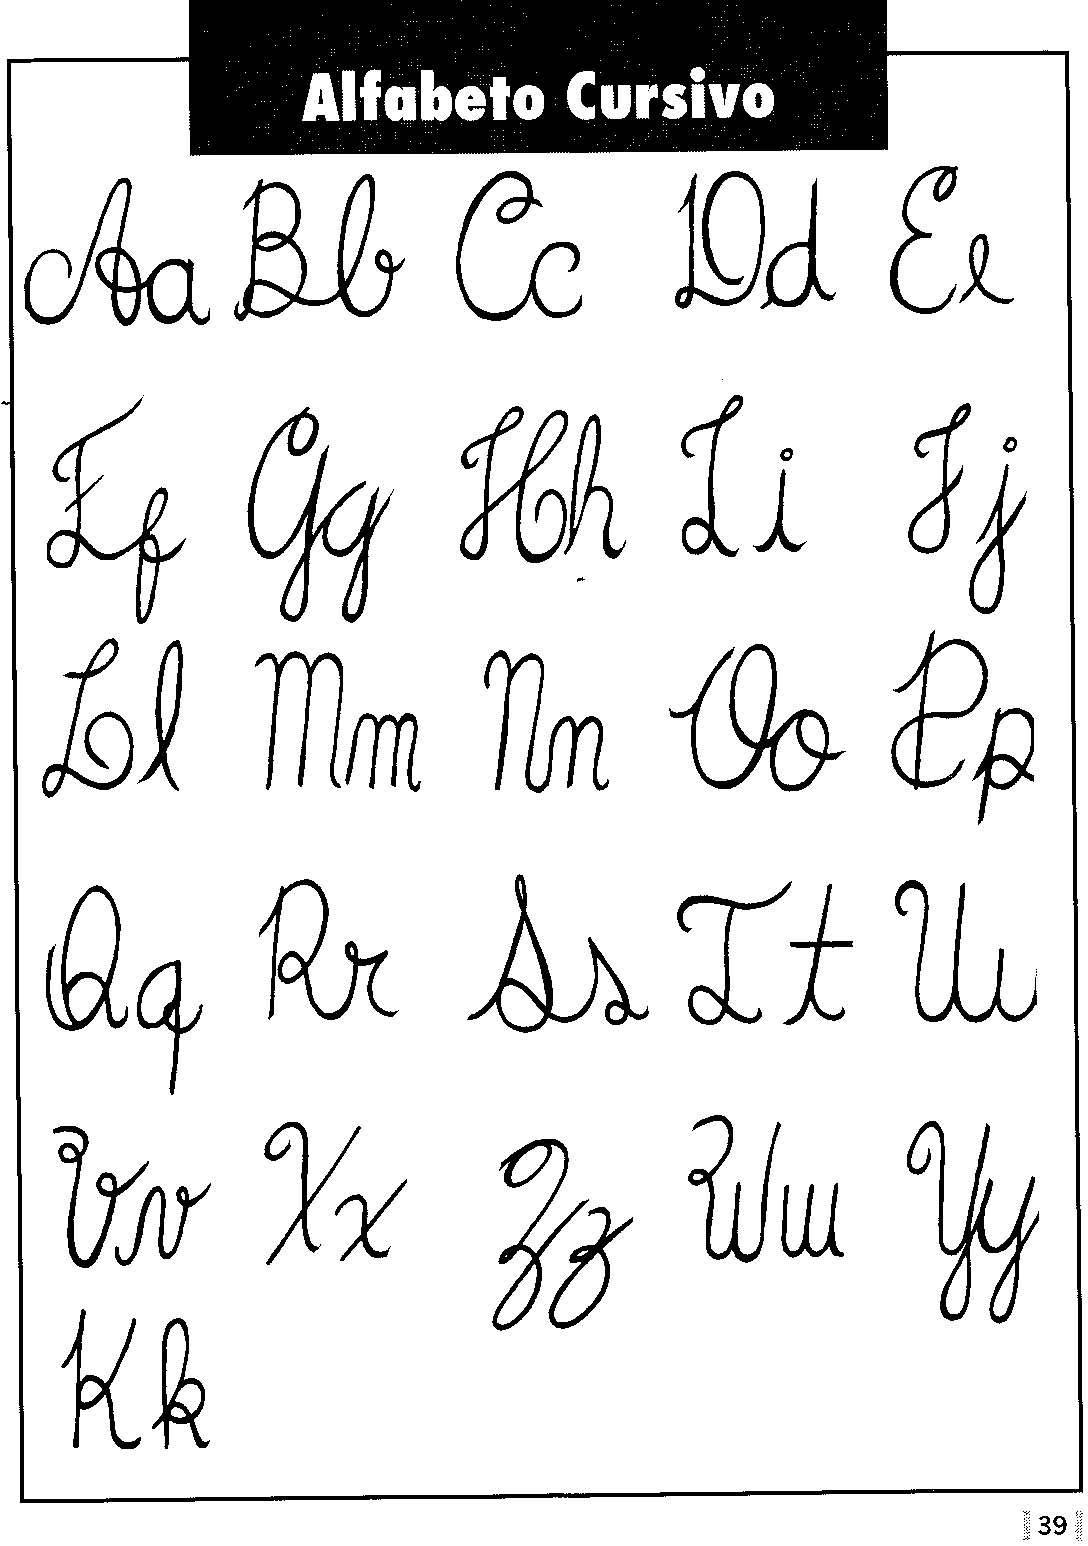 Moldes De Letras Cursivas Fotos E Modelos Bem Lindona Lettering Tutorial Letras Bonitas Ideias De Letras